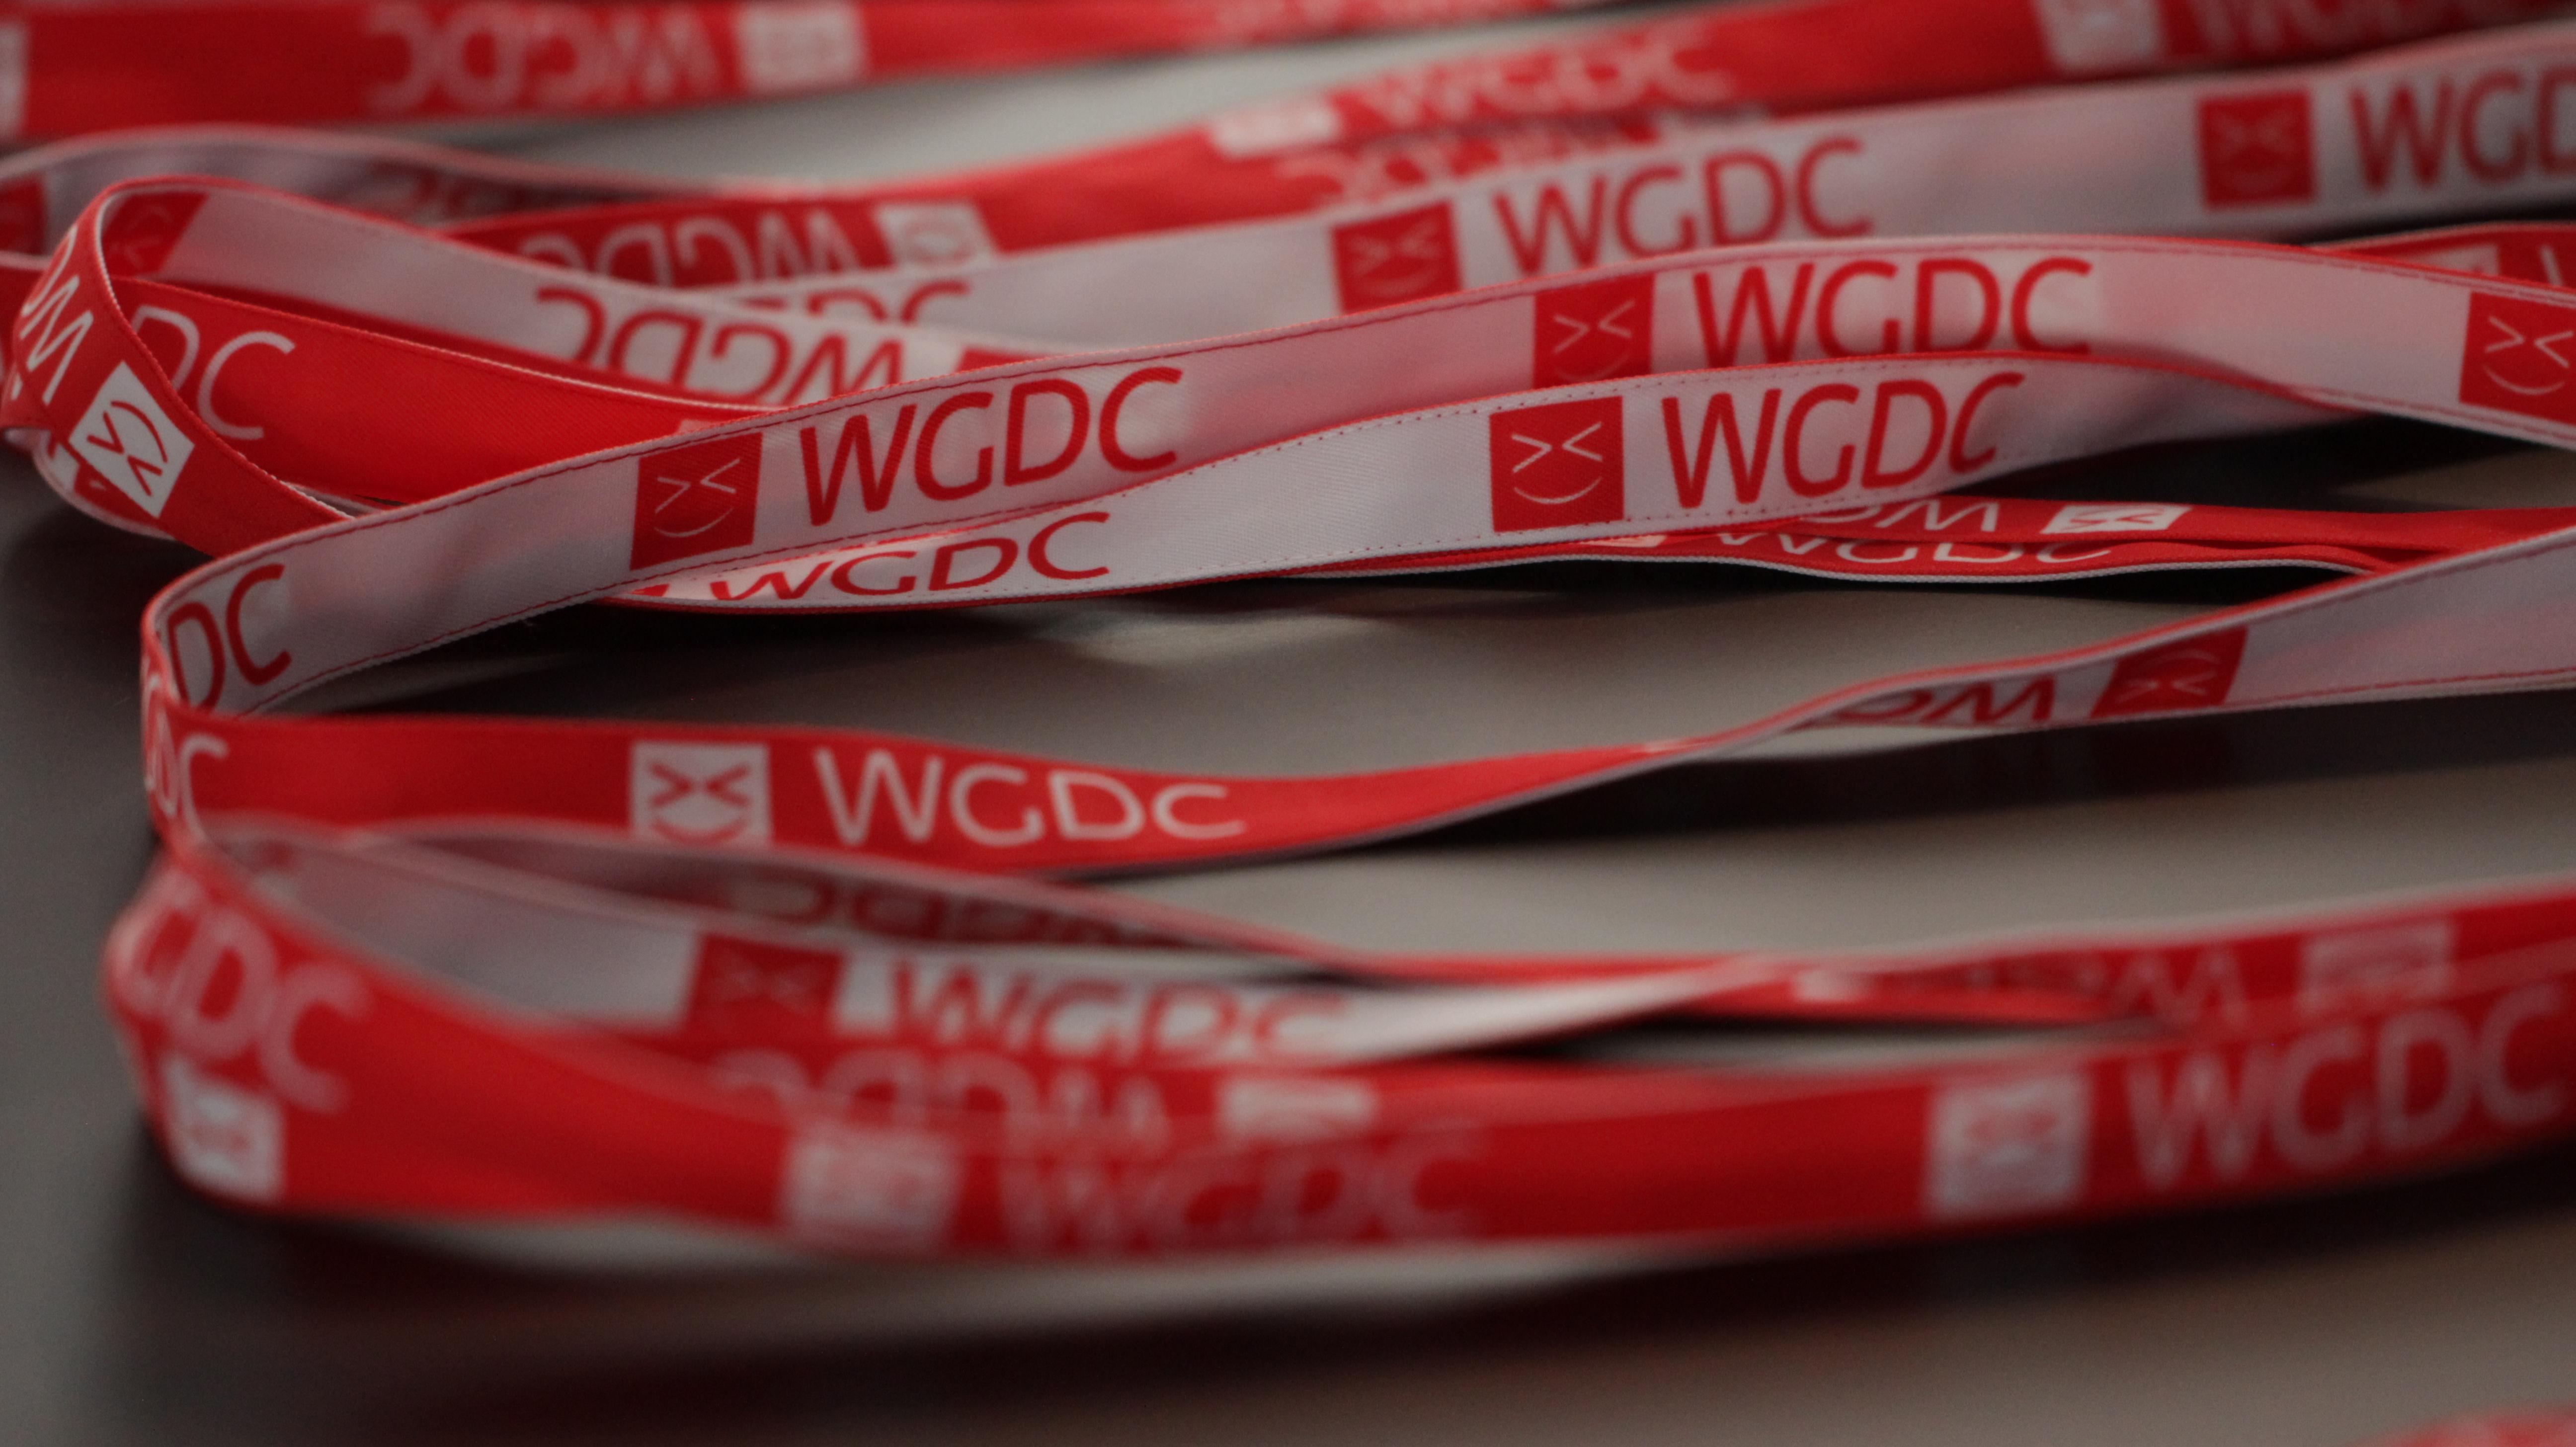 WGN_Photos_WGDC_Conference_Image_04